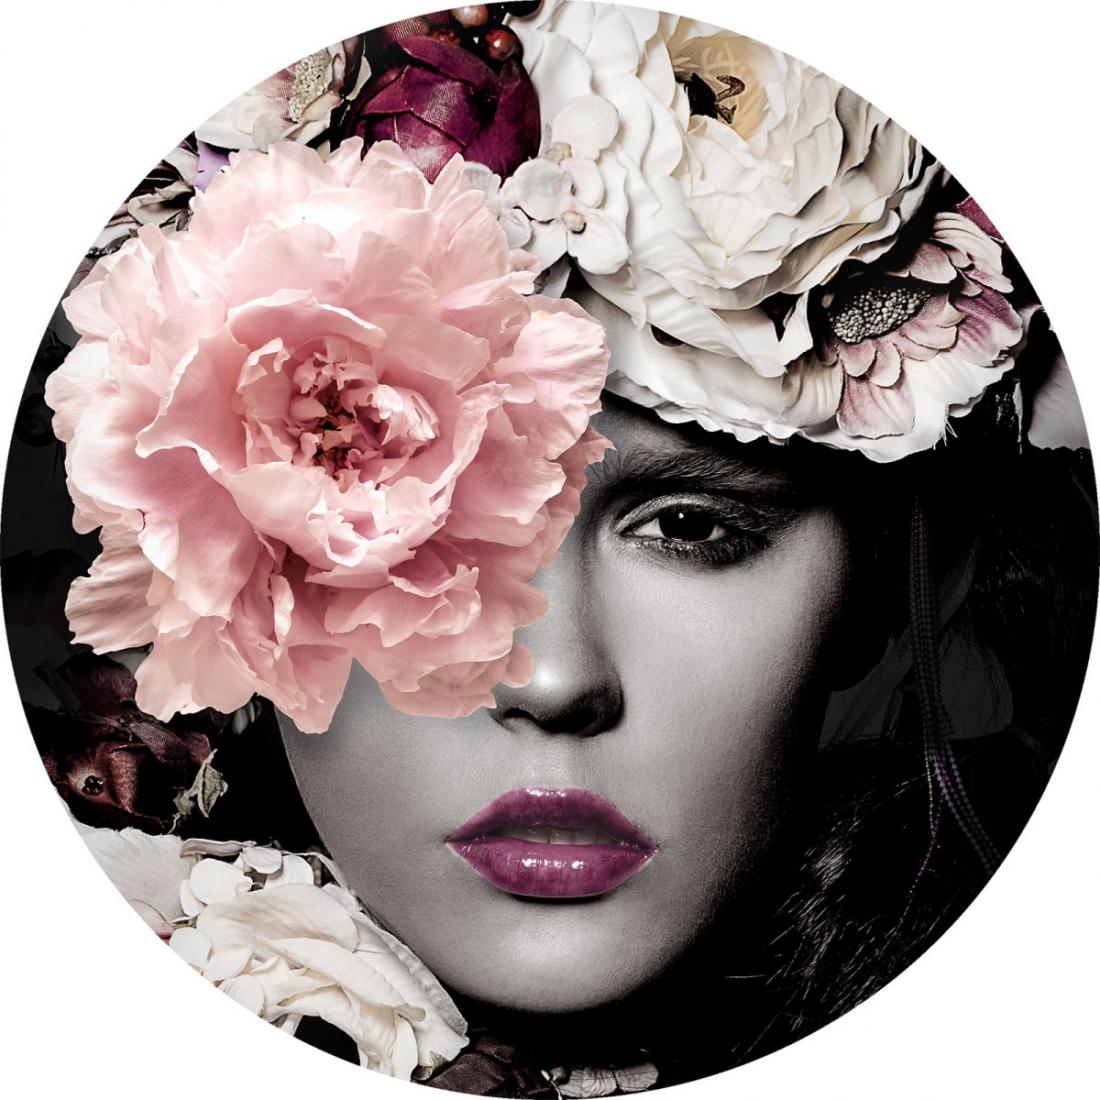 Fotokunst rond vrouw met bloemen glas 50x50